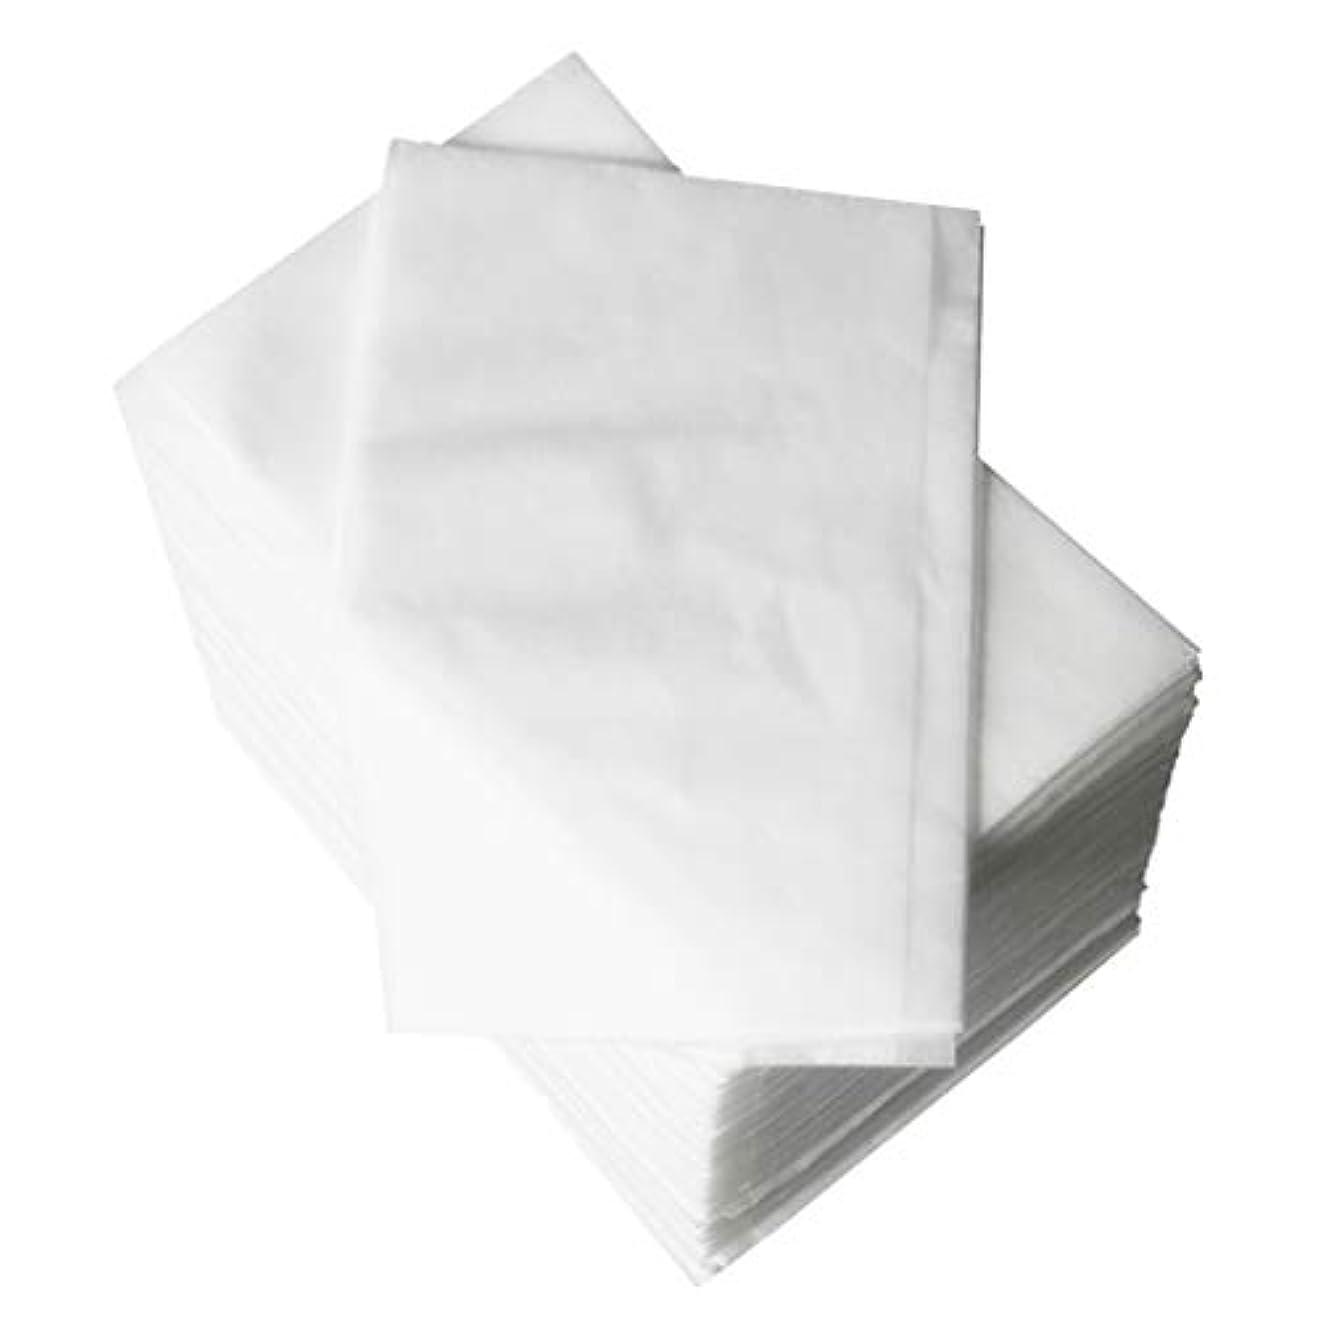 酸素はしごラケットスパベッドカバー 使い捨て 耐久性 使い捨てベッドシーツ ブルー ホワイト - 白